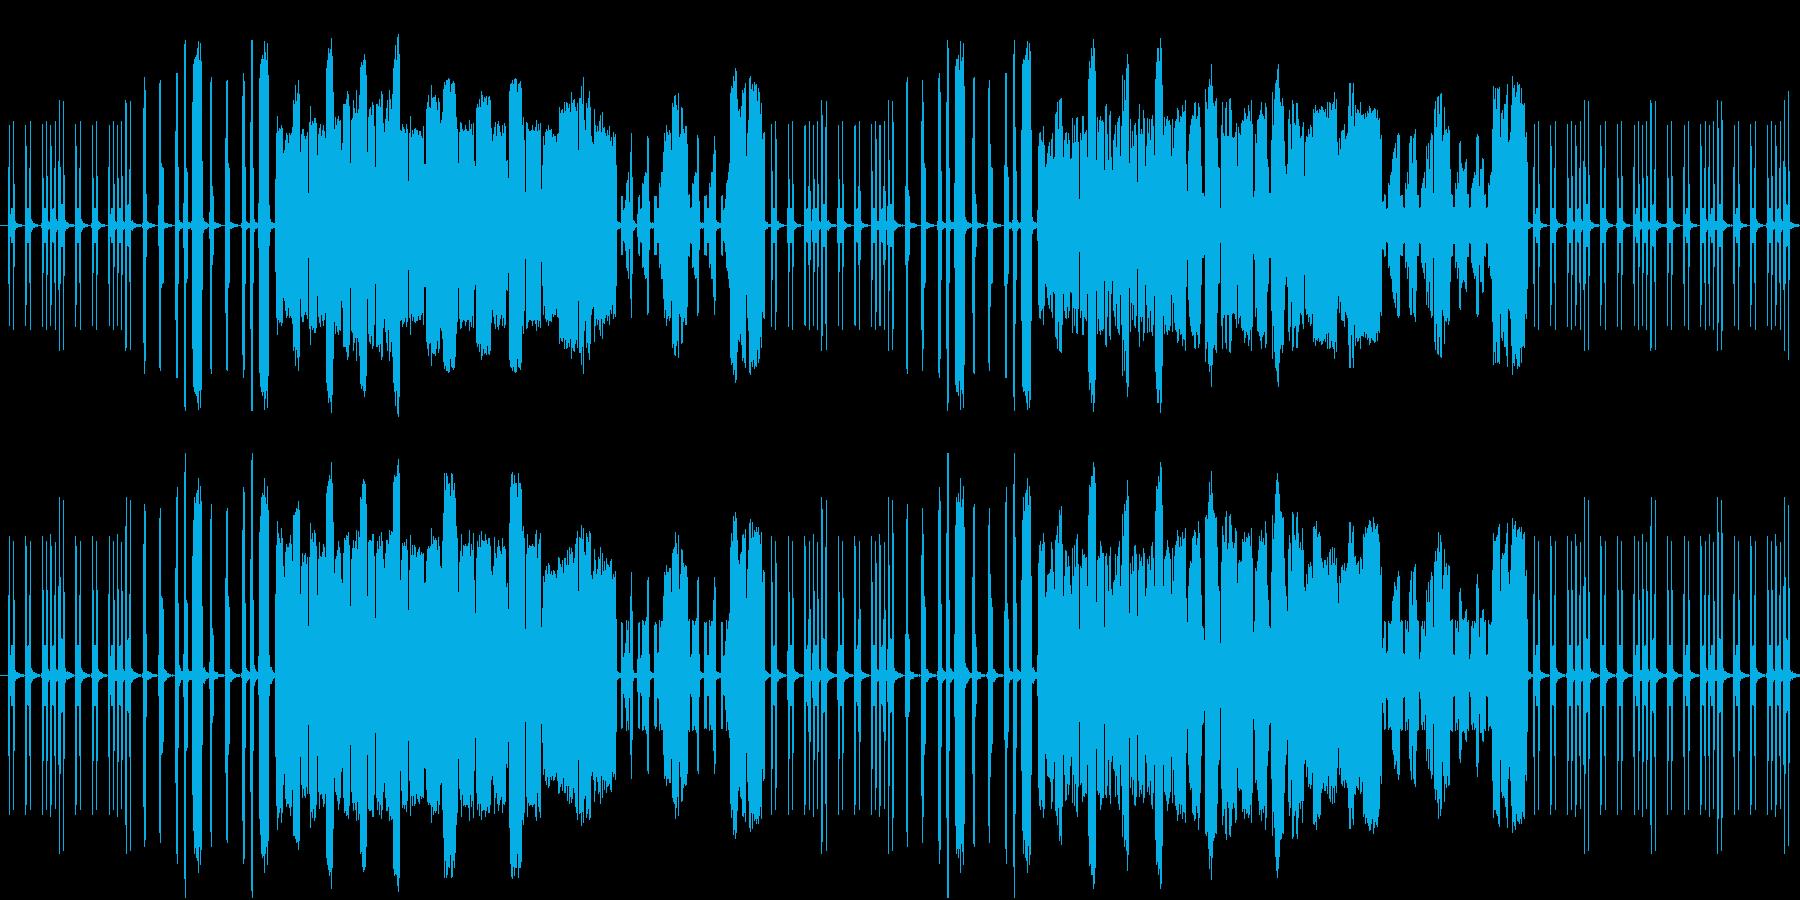 コミカルな動きをする虫をイメージした曲の再生済みの波形